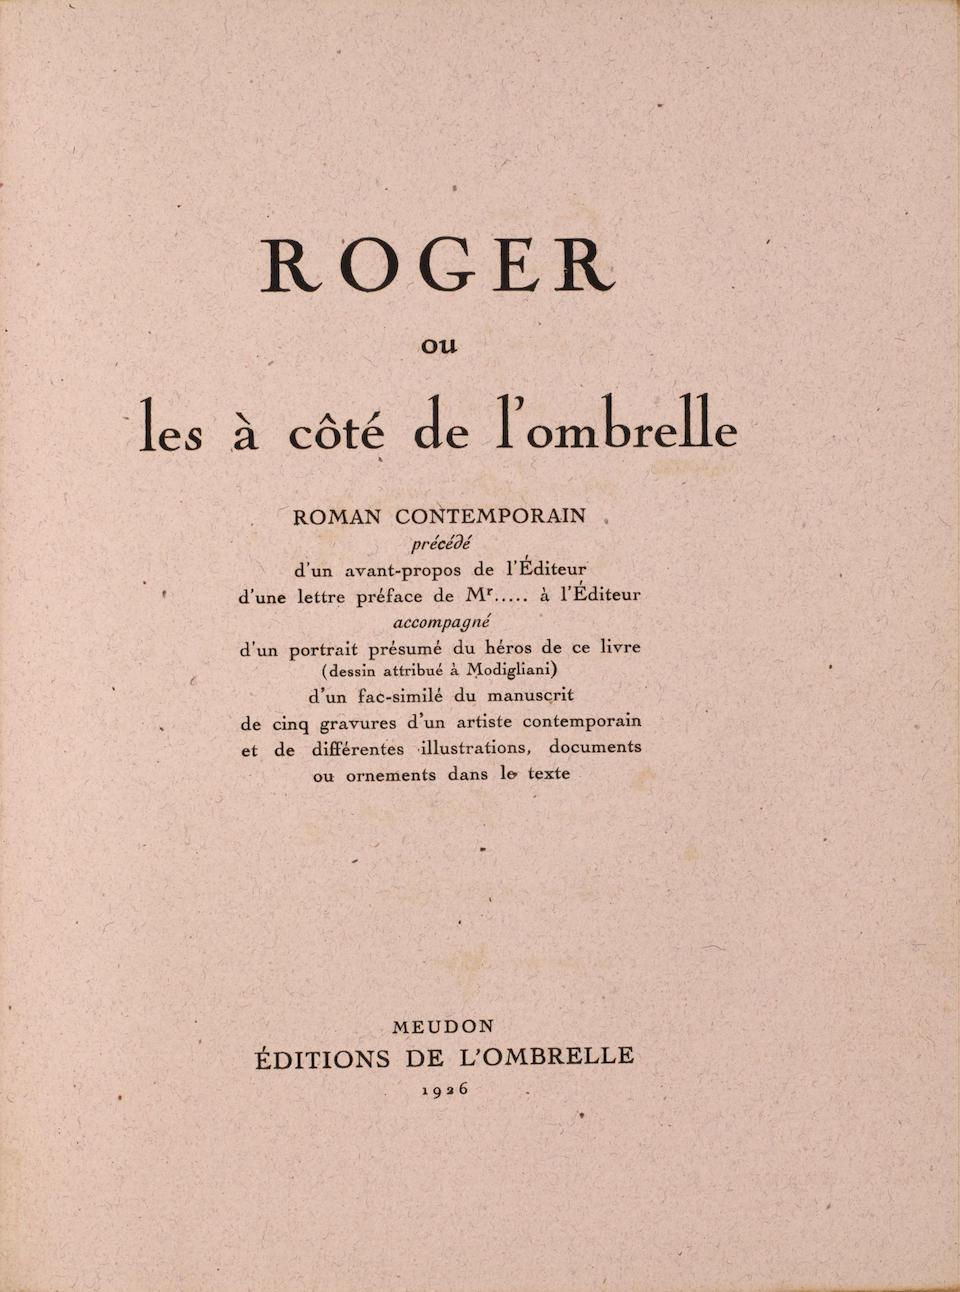 JABLONSKI, PIERRE-CHARLES.  LURÇAT, JEAN, illustrator. 1892-1966.  Roger, ou Les a cote de l'ombrelle. Meudon [Paris]: Editions de l'Ombrelle, 1926.